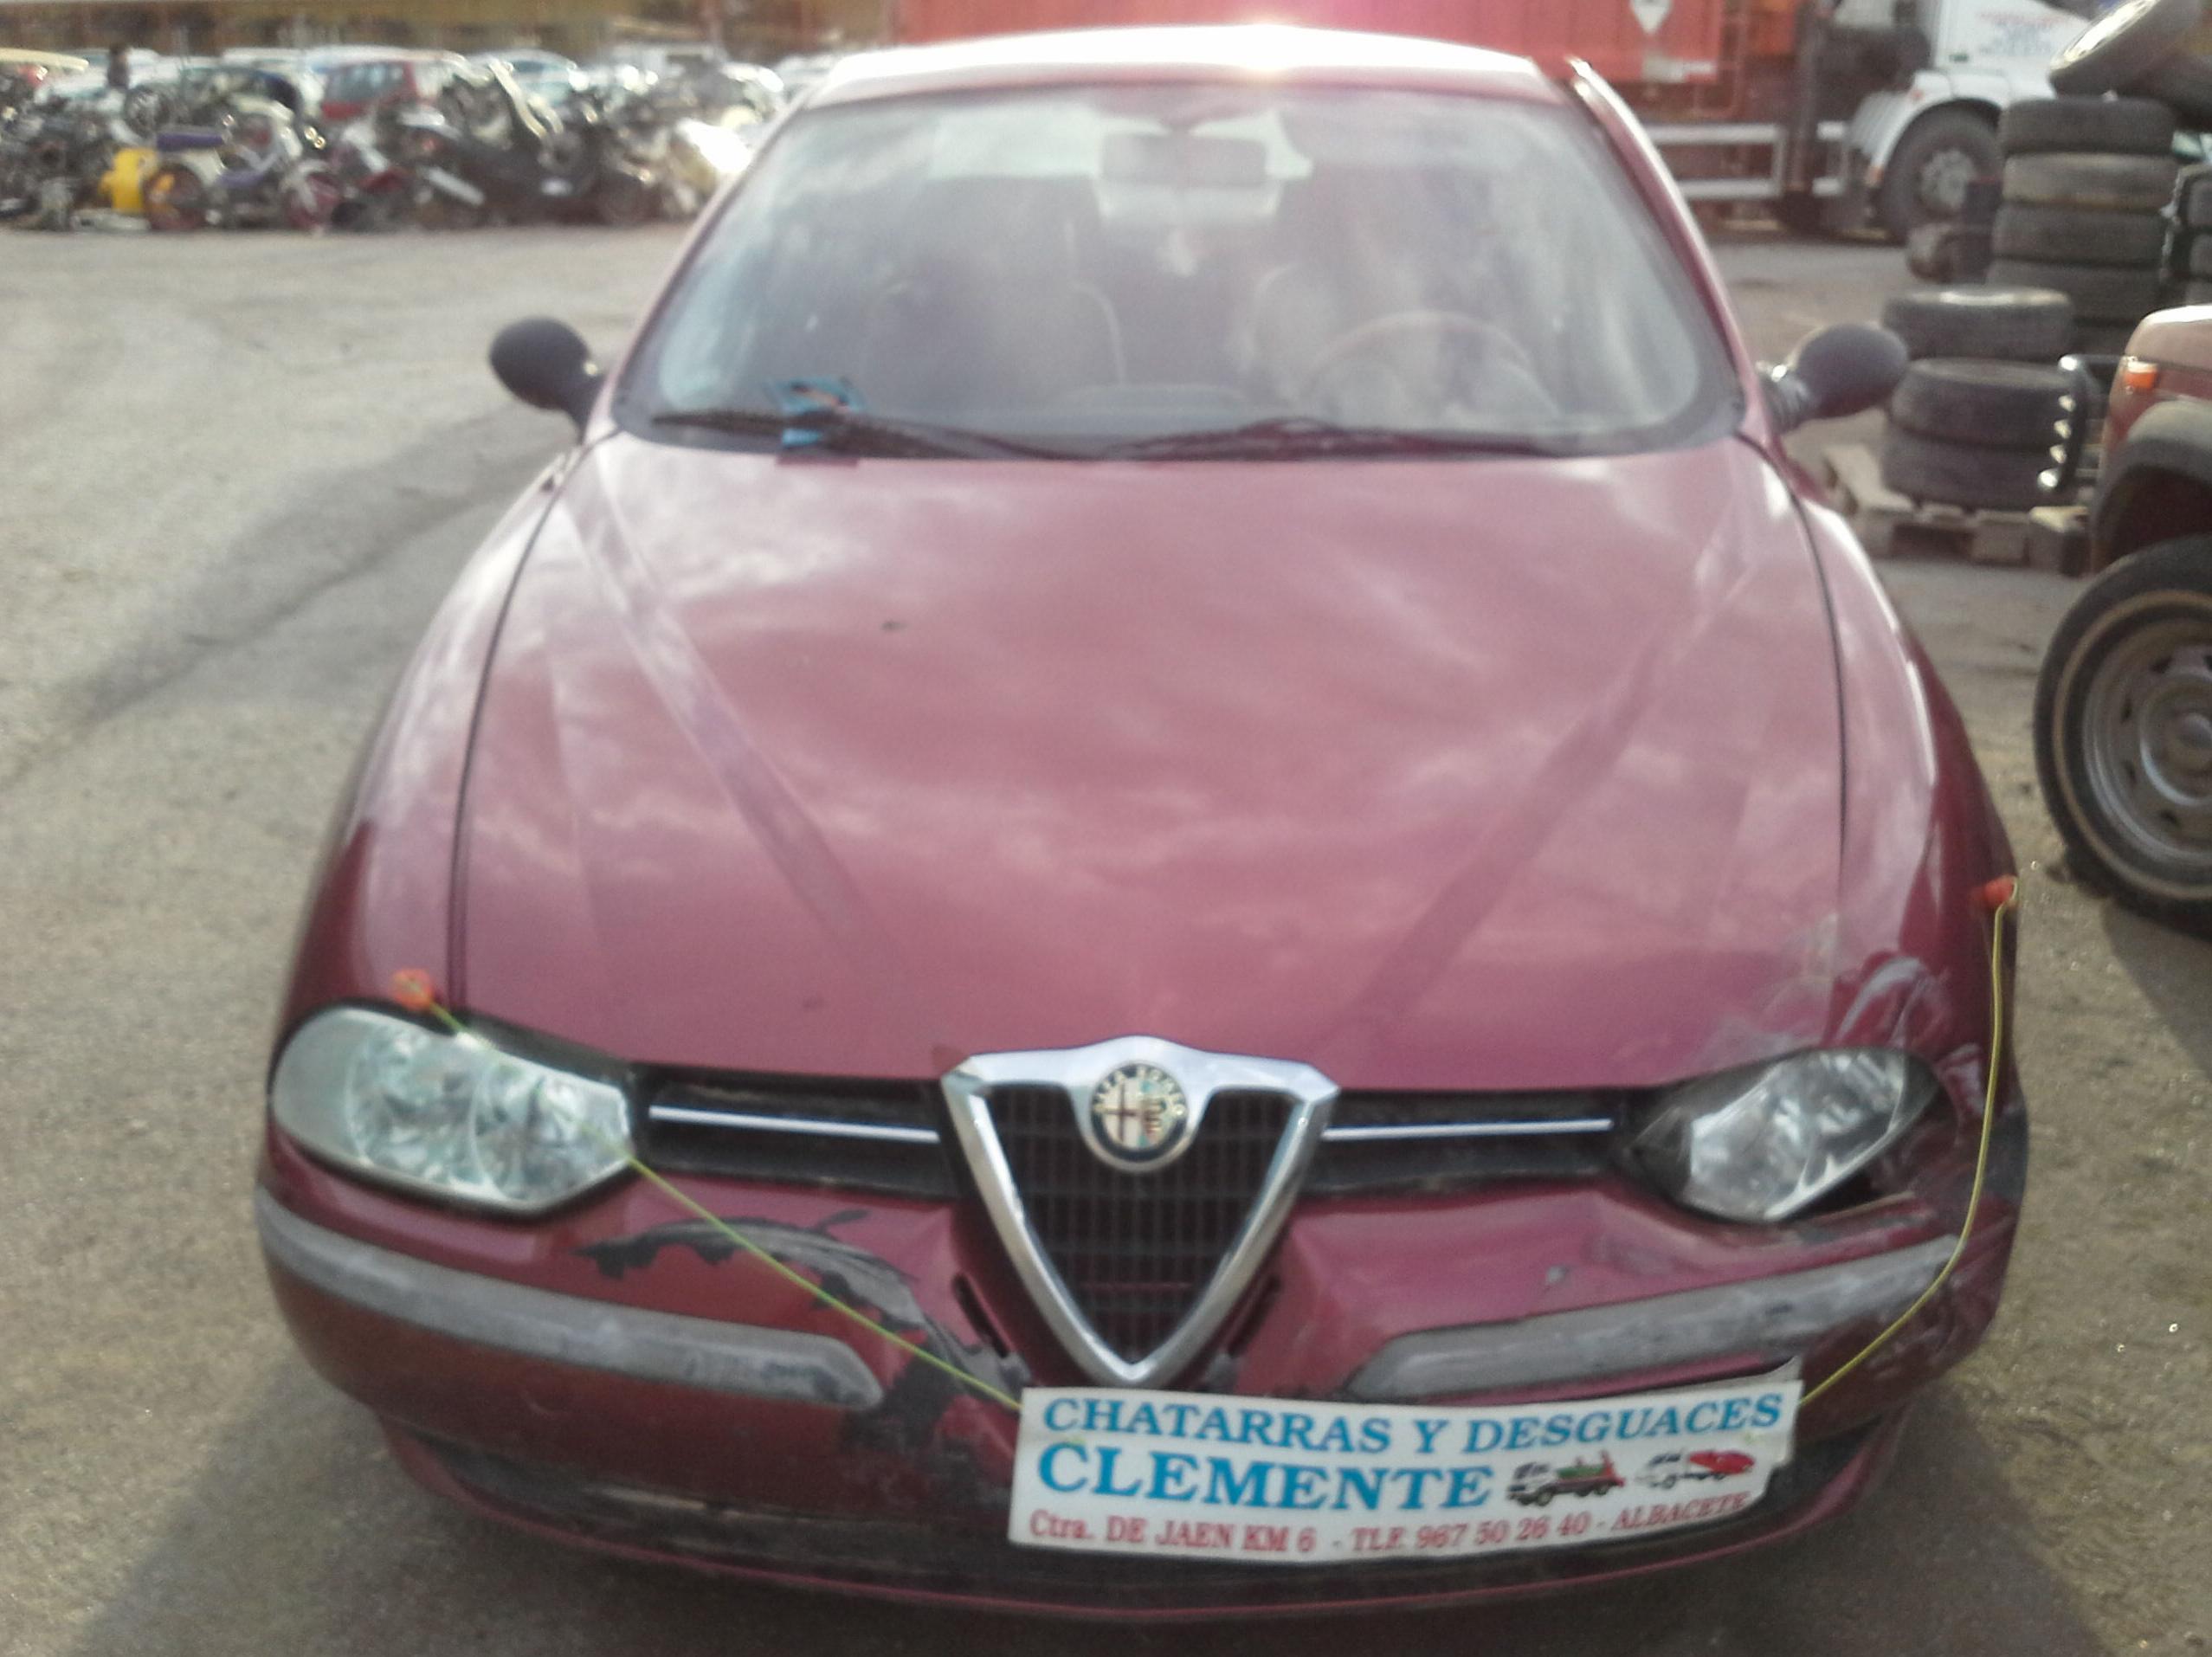 Alfa 156 para desguace en albacete. Desguaces Clemente